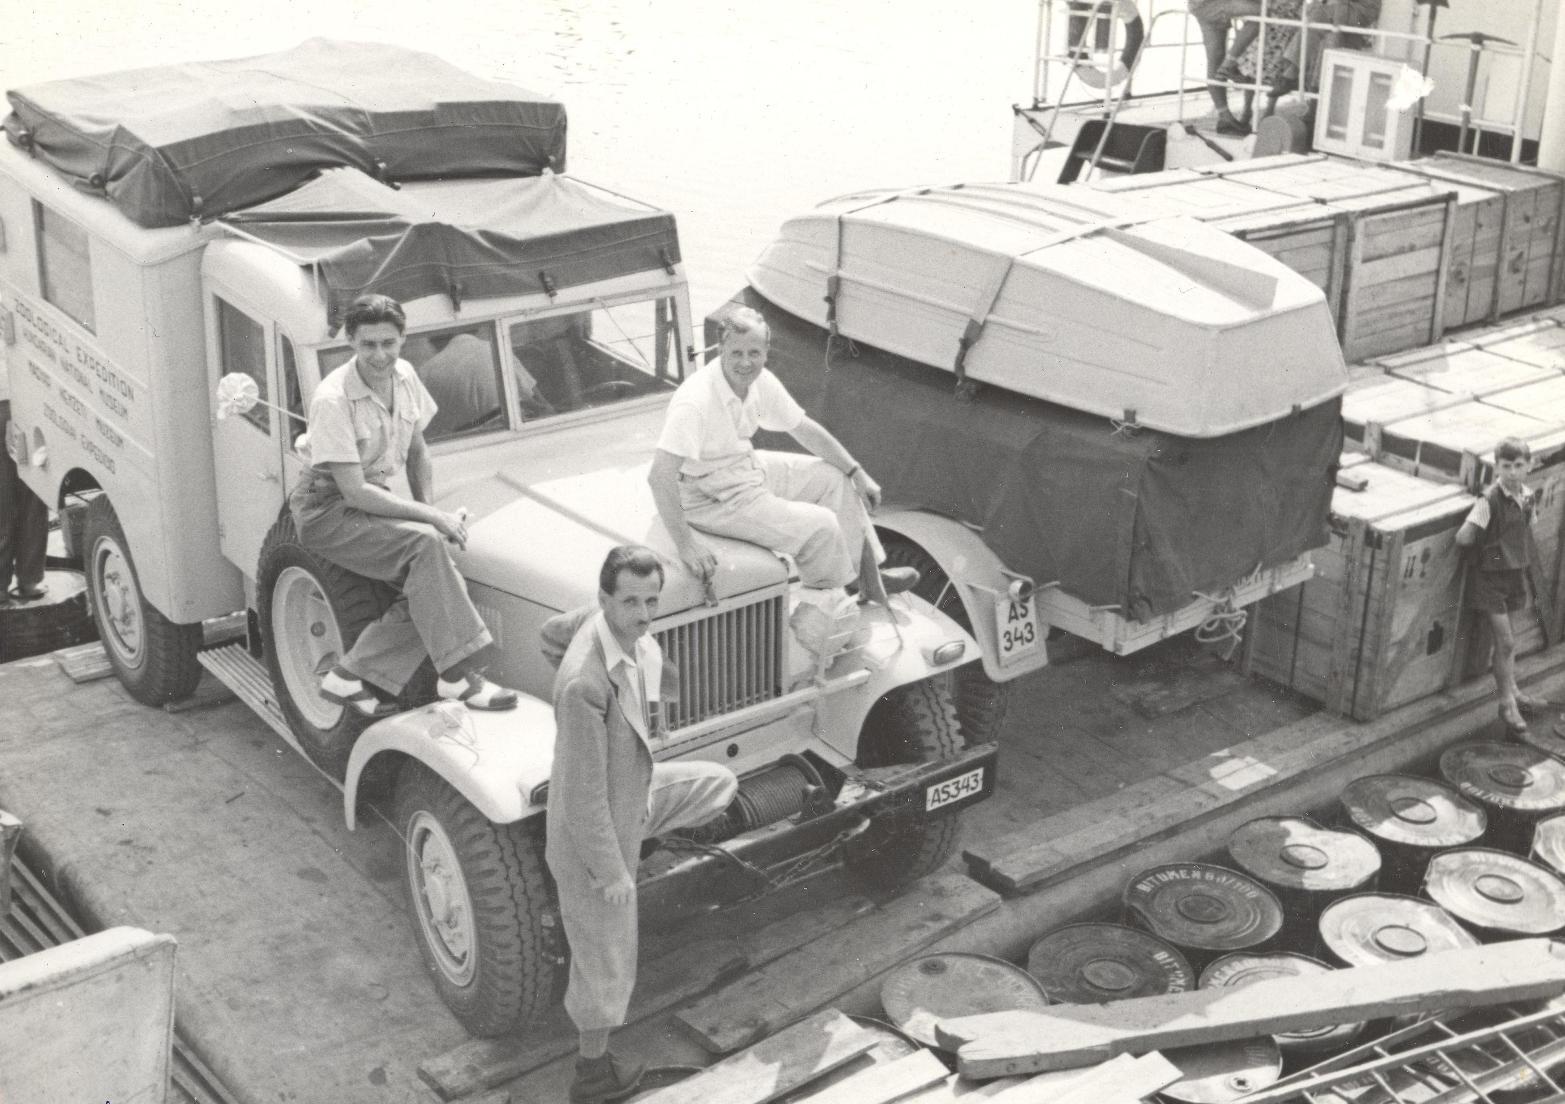 Balról jobbra: Gozmány, Horváth és Visóvölgyi. Három hétig tartott a hajóút, Dely Olivér csak Egyiptomban csatlakozott a csapathoz.